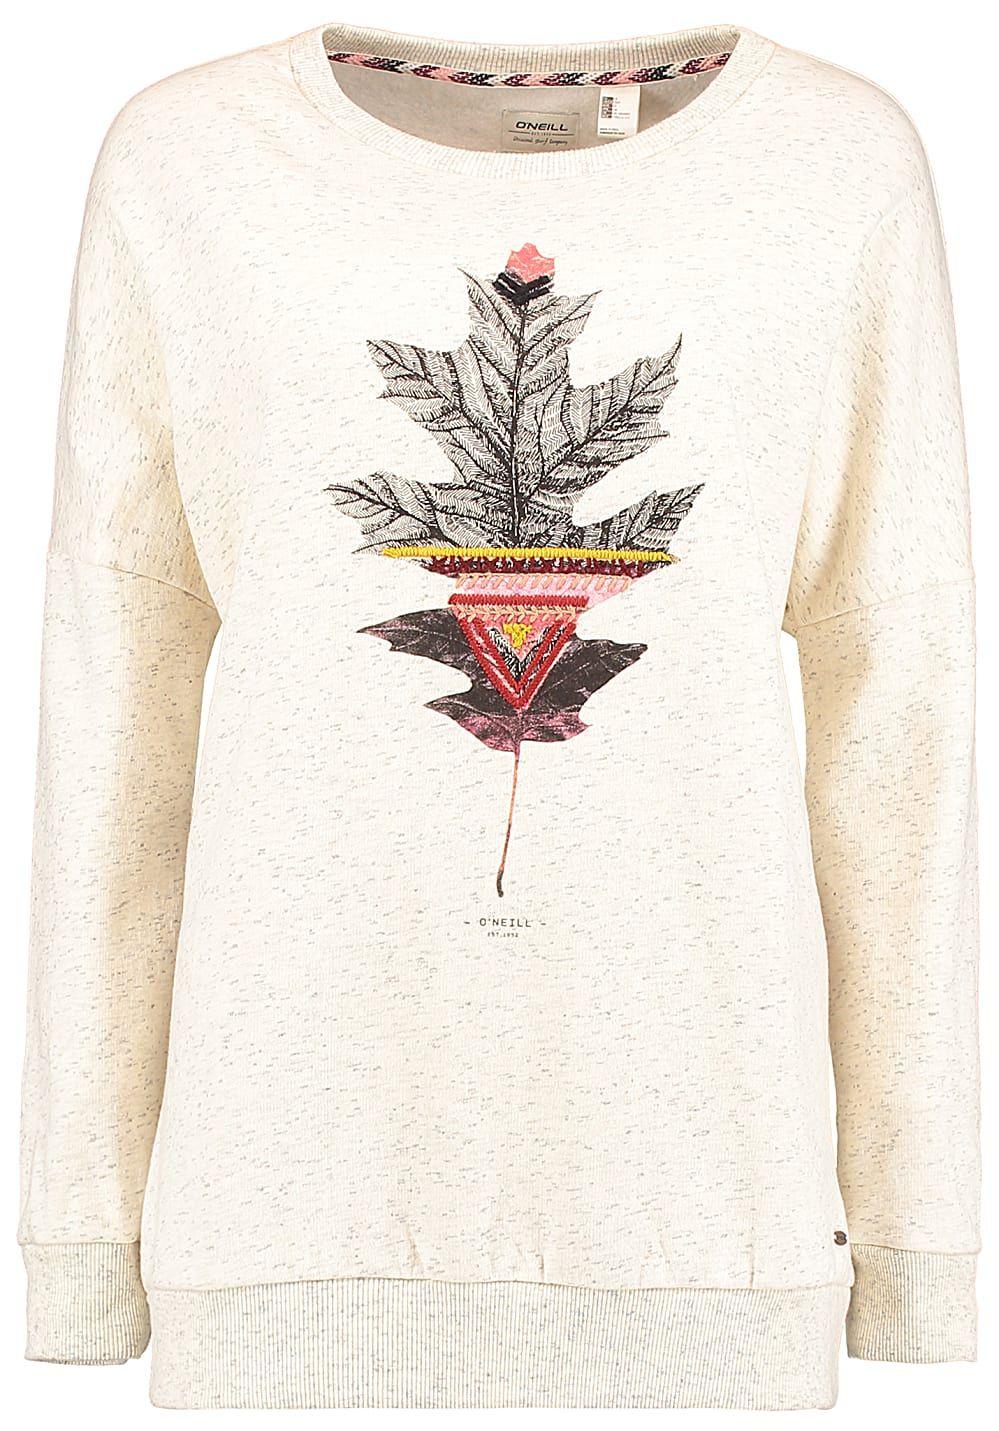 41969ce8716d O Neill Peaceful Pines. O Neill Peaceful Pines - Sweatshirt für Damen - Weiß  - Planet Sports